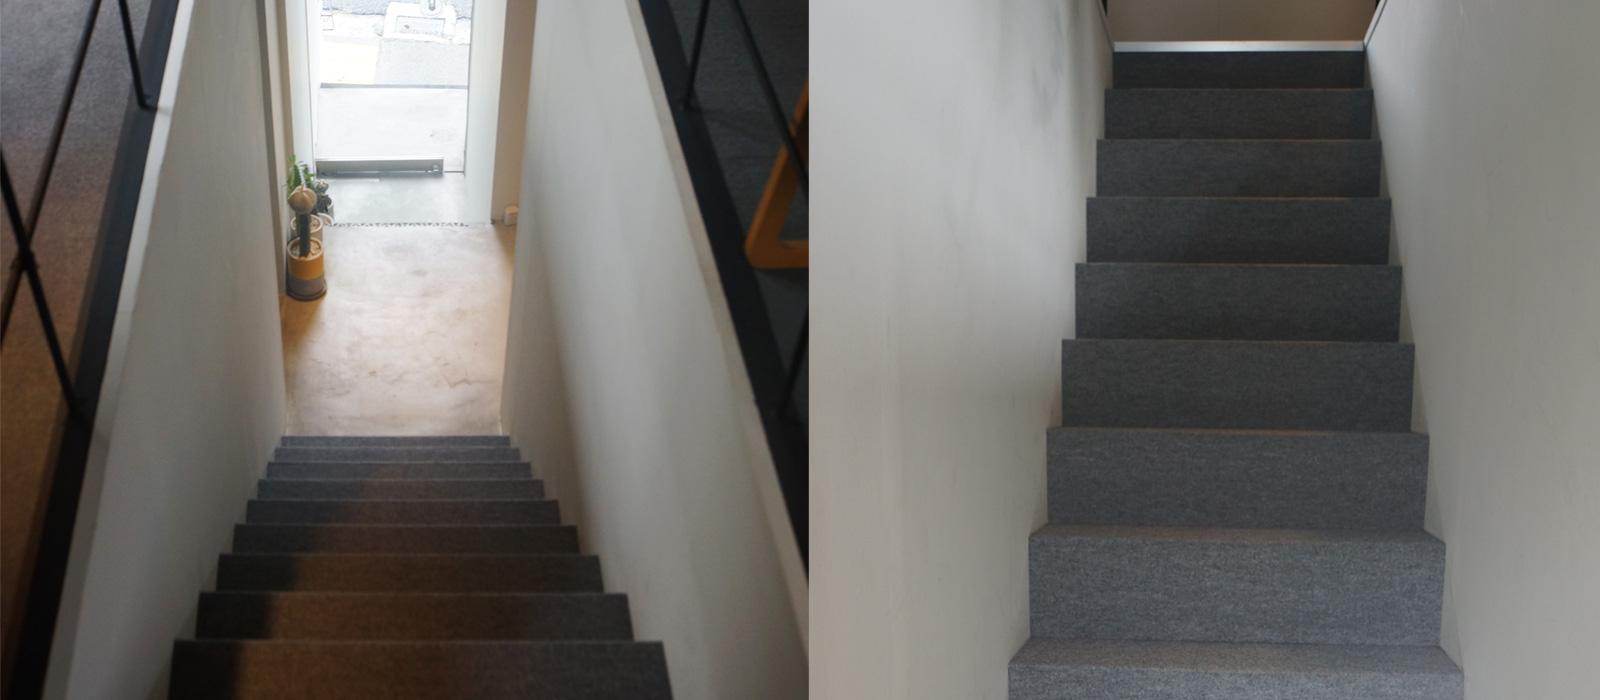 Jam階段